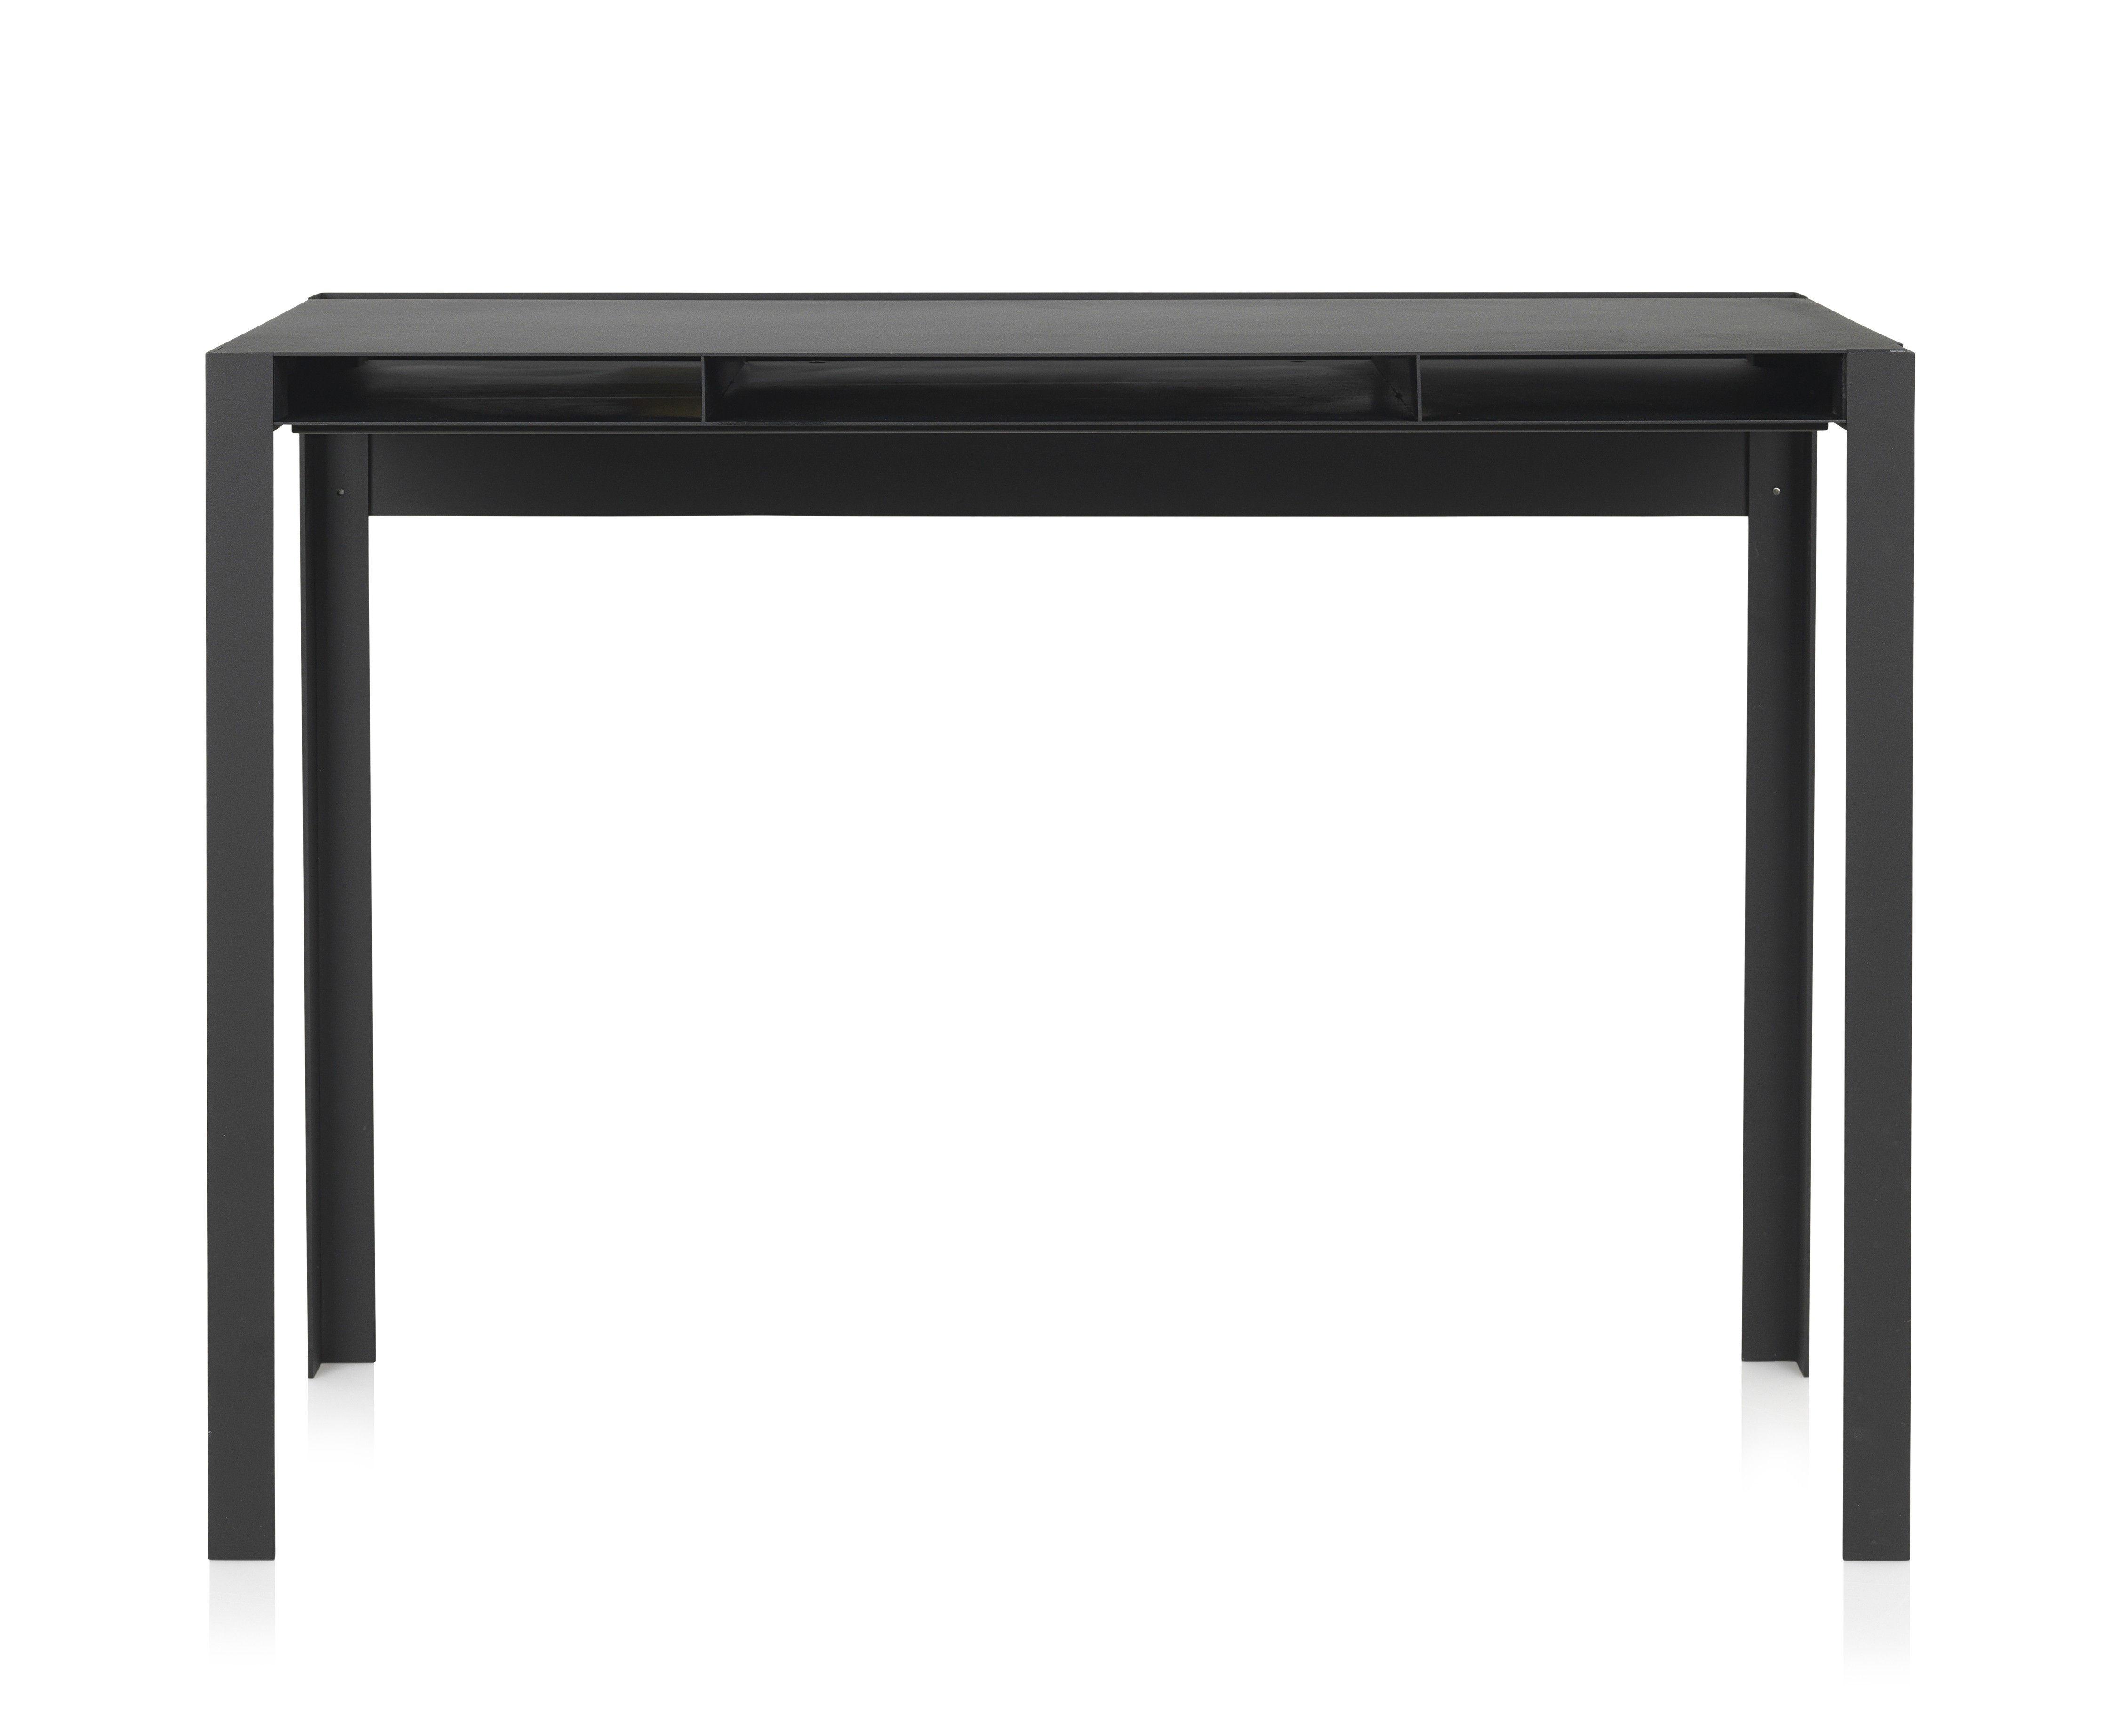 bureau index bureau m tal l 100 cm noir nomess. Black Bedroom Furniture Sets. Home Design Ideas